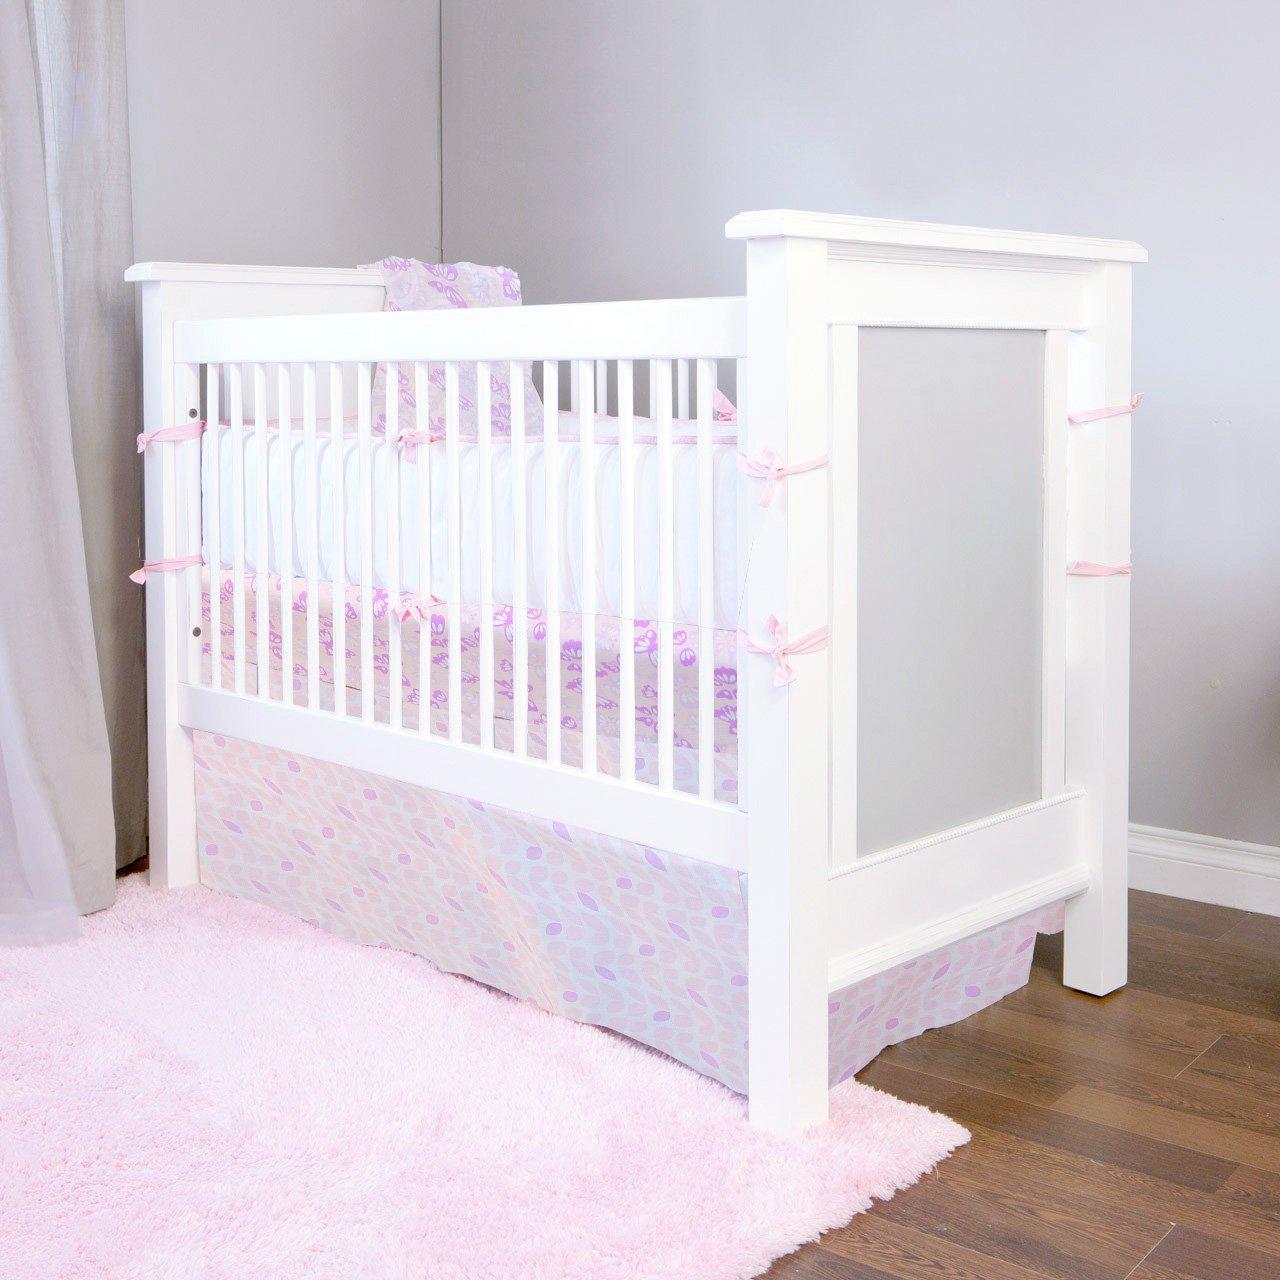 Kushies Baby Ben & Noa Percale Crib Skirt, Pink Petals by Kushies (Image #6)